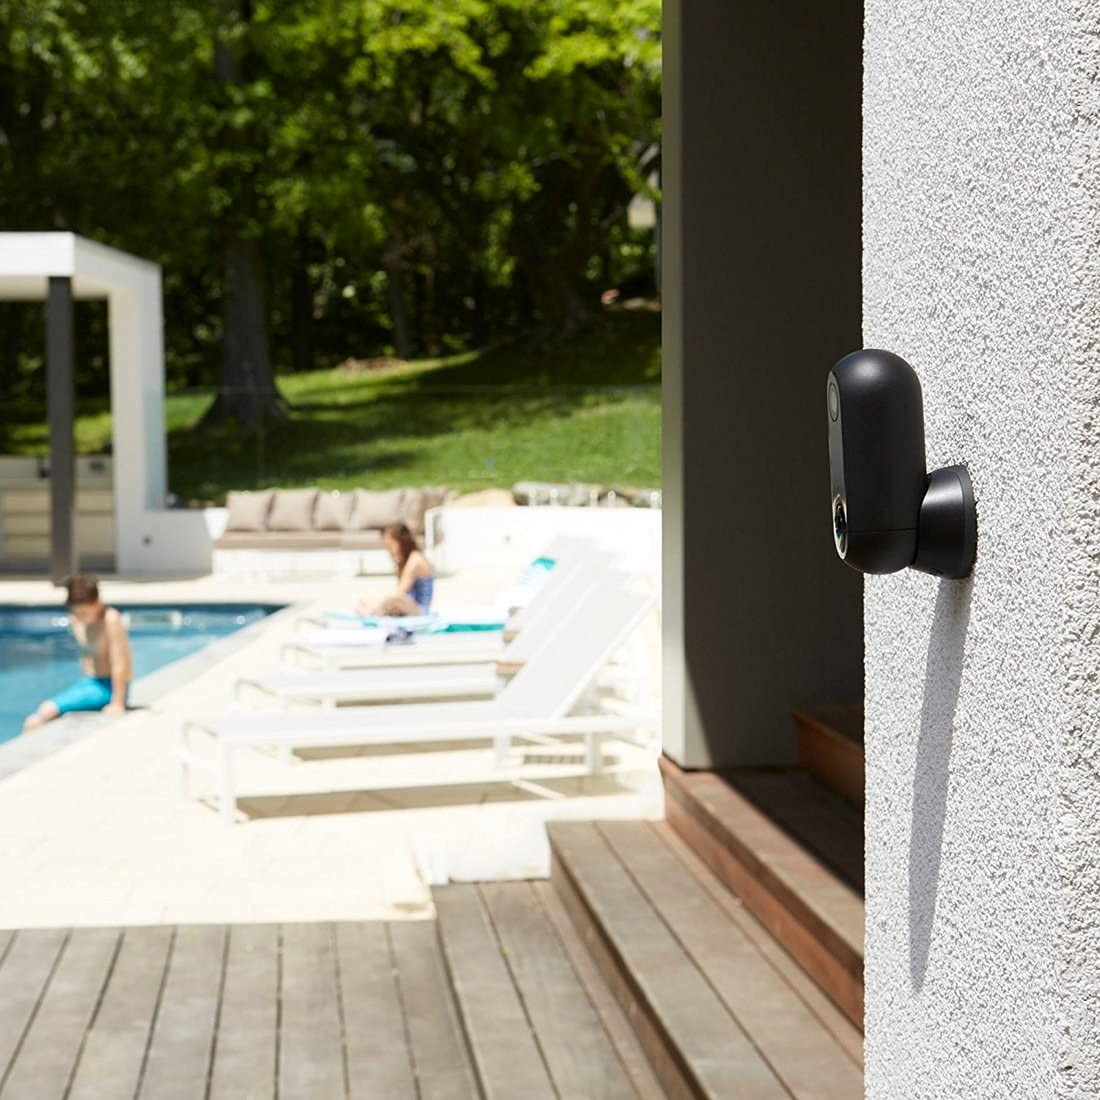 Canary Flex Outdoor Indoor Überwachungskamera Mit Kamera